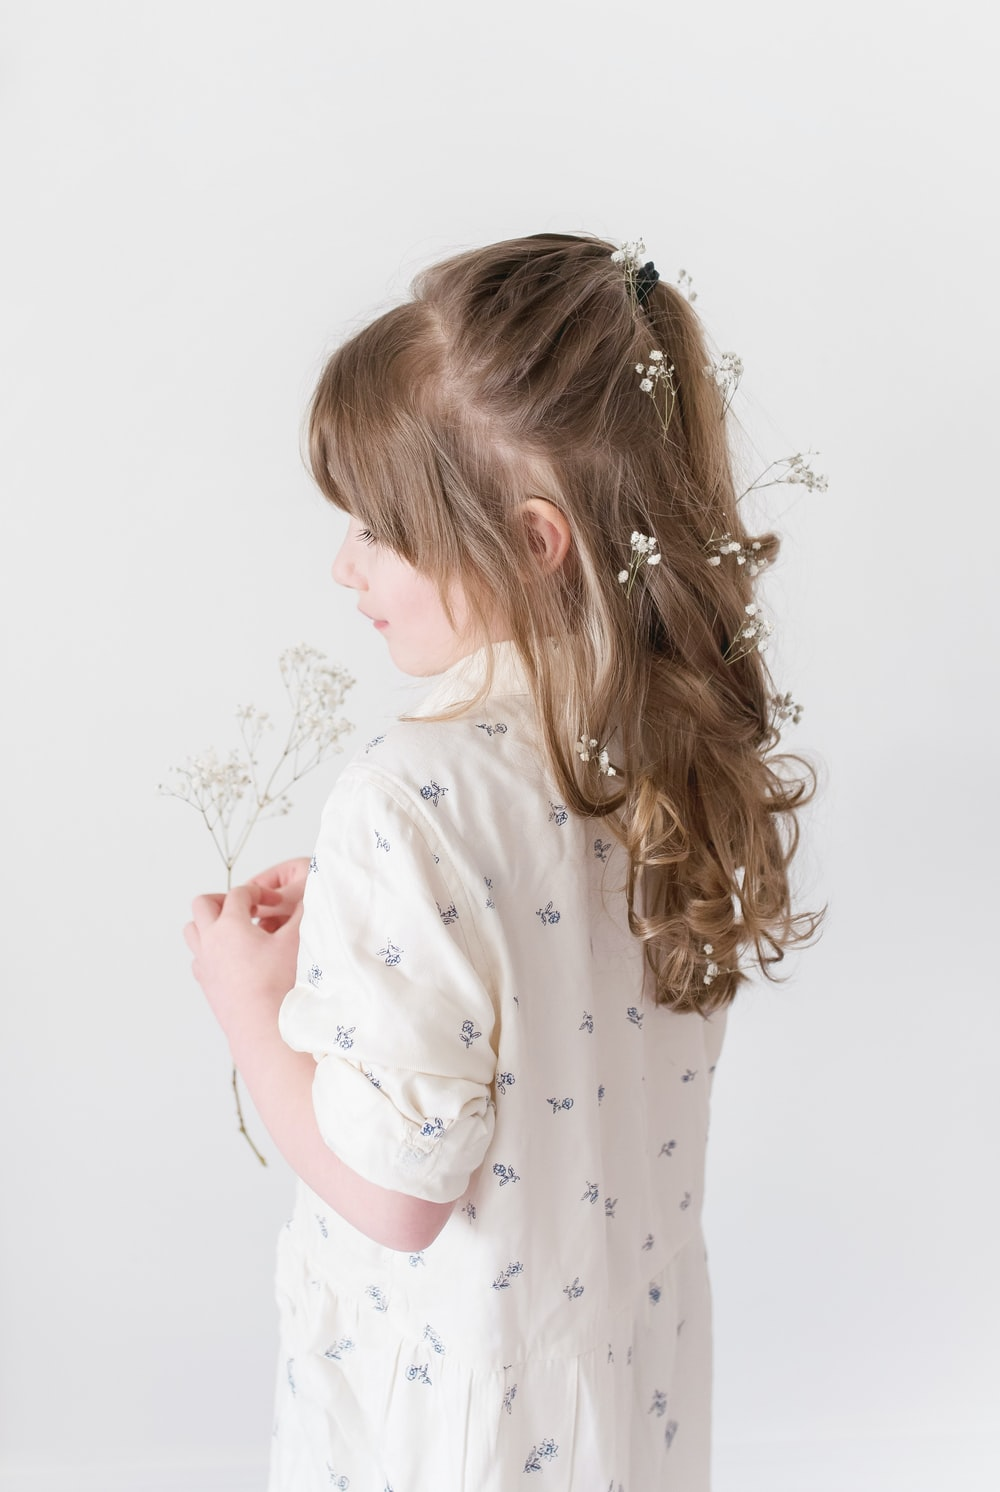 girl wearing white dress